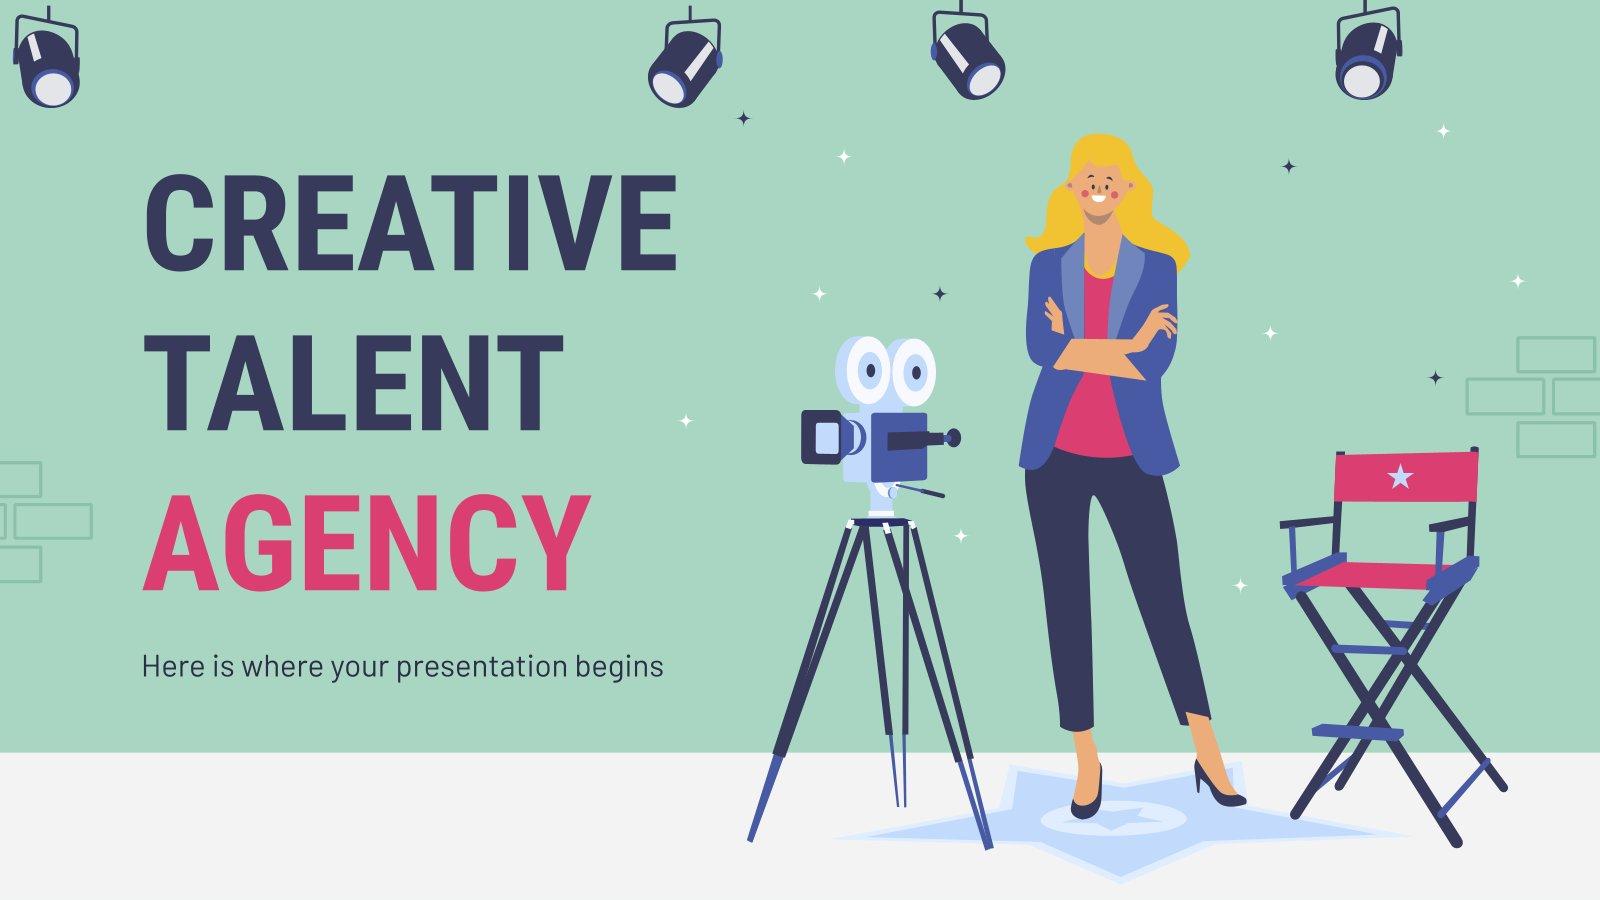 Agence de talents créatifs : Modèles de présentation